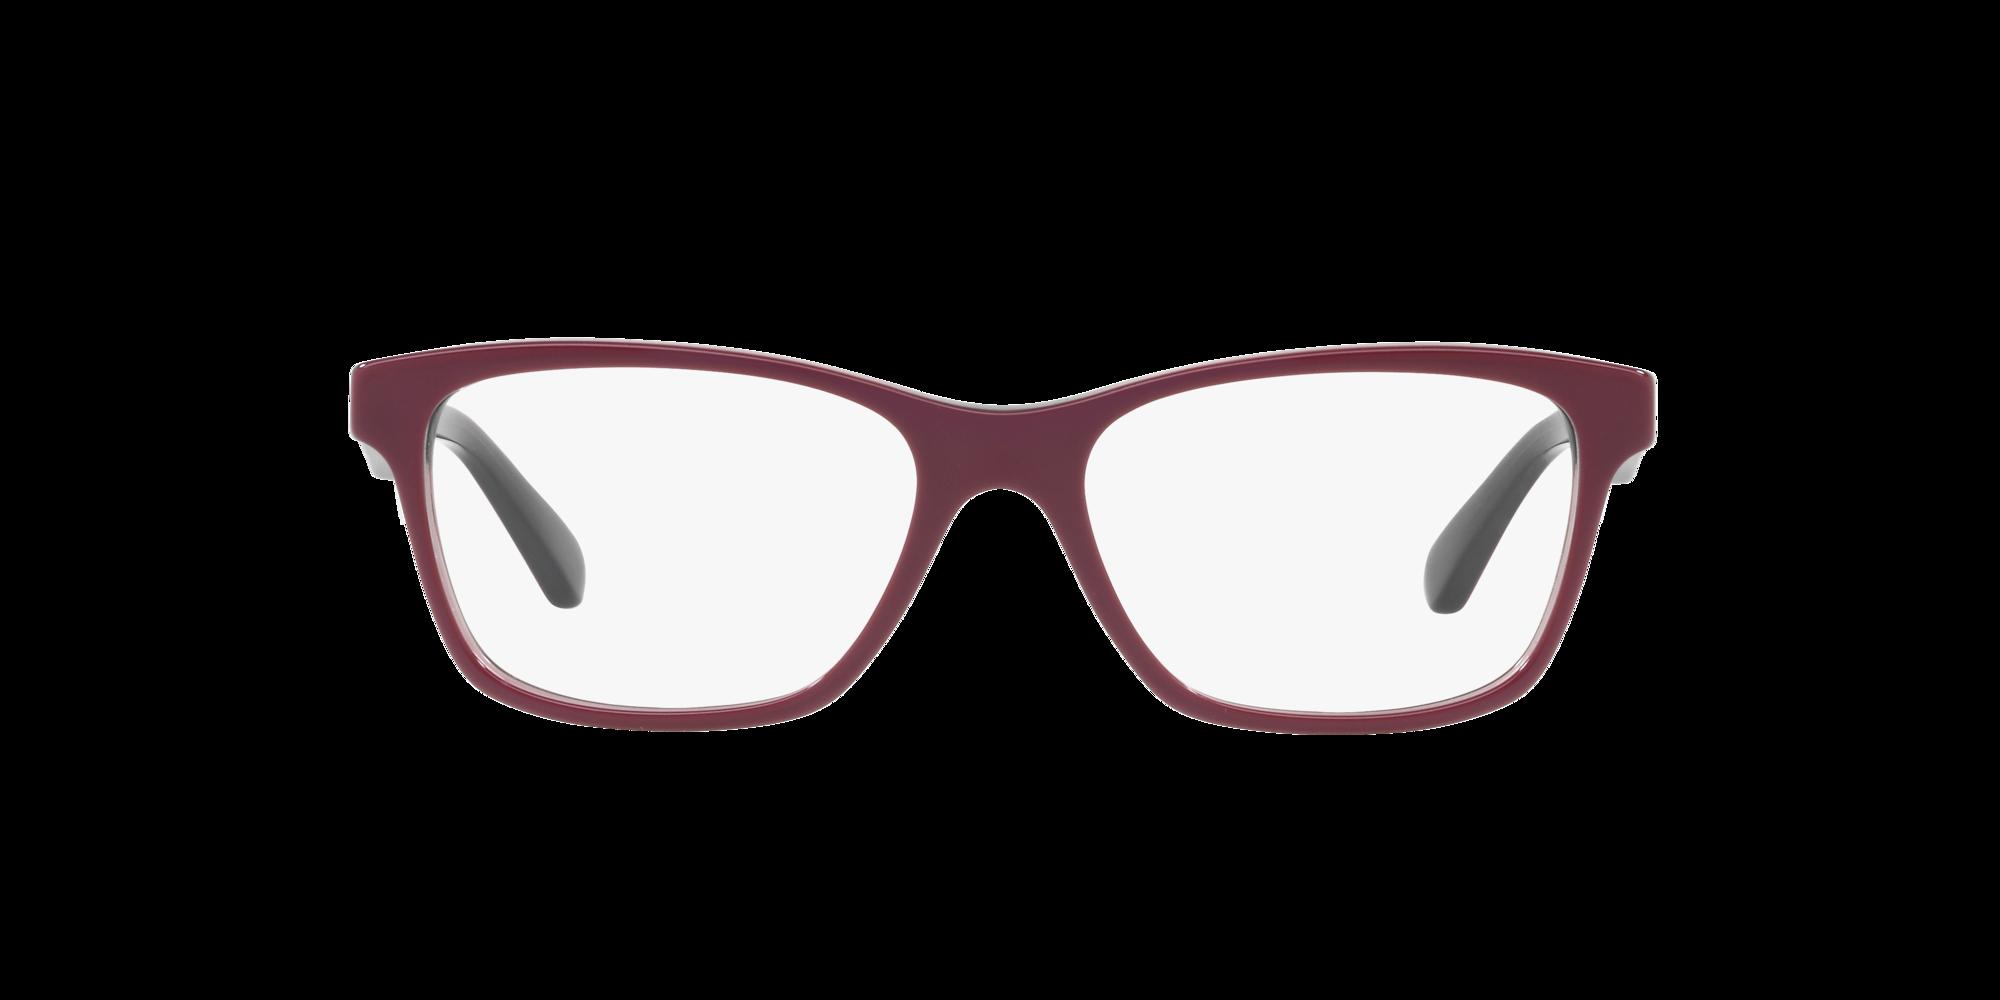 Imagen para VO2787 de LensCrafters |  Espejuelos, espejuelos graduados en línea, gafas